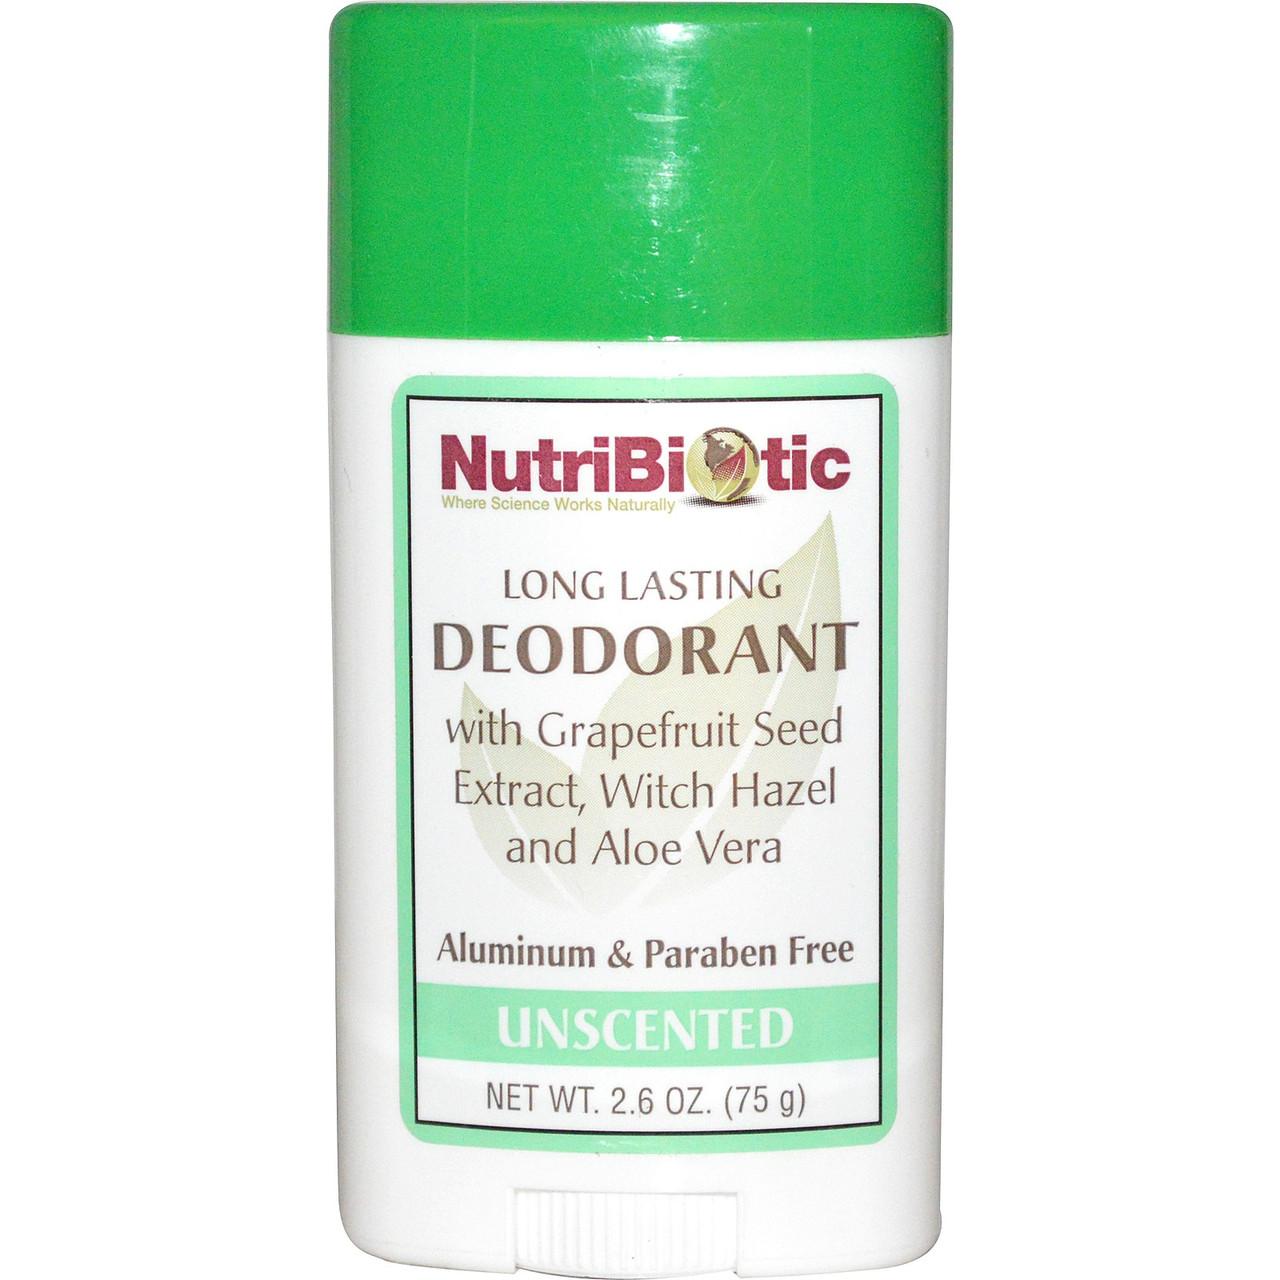 Натуральный дезодорант без запаха NutriBiotic, стик продолжительного действия. Сделано в США